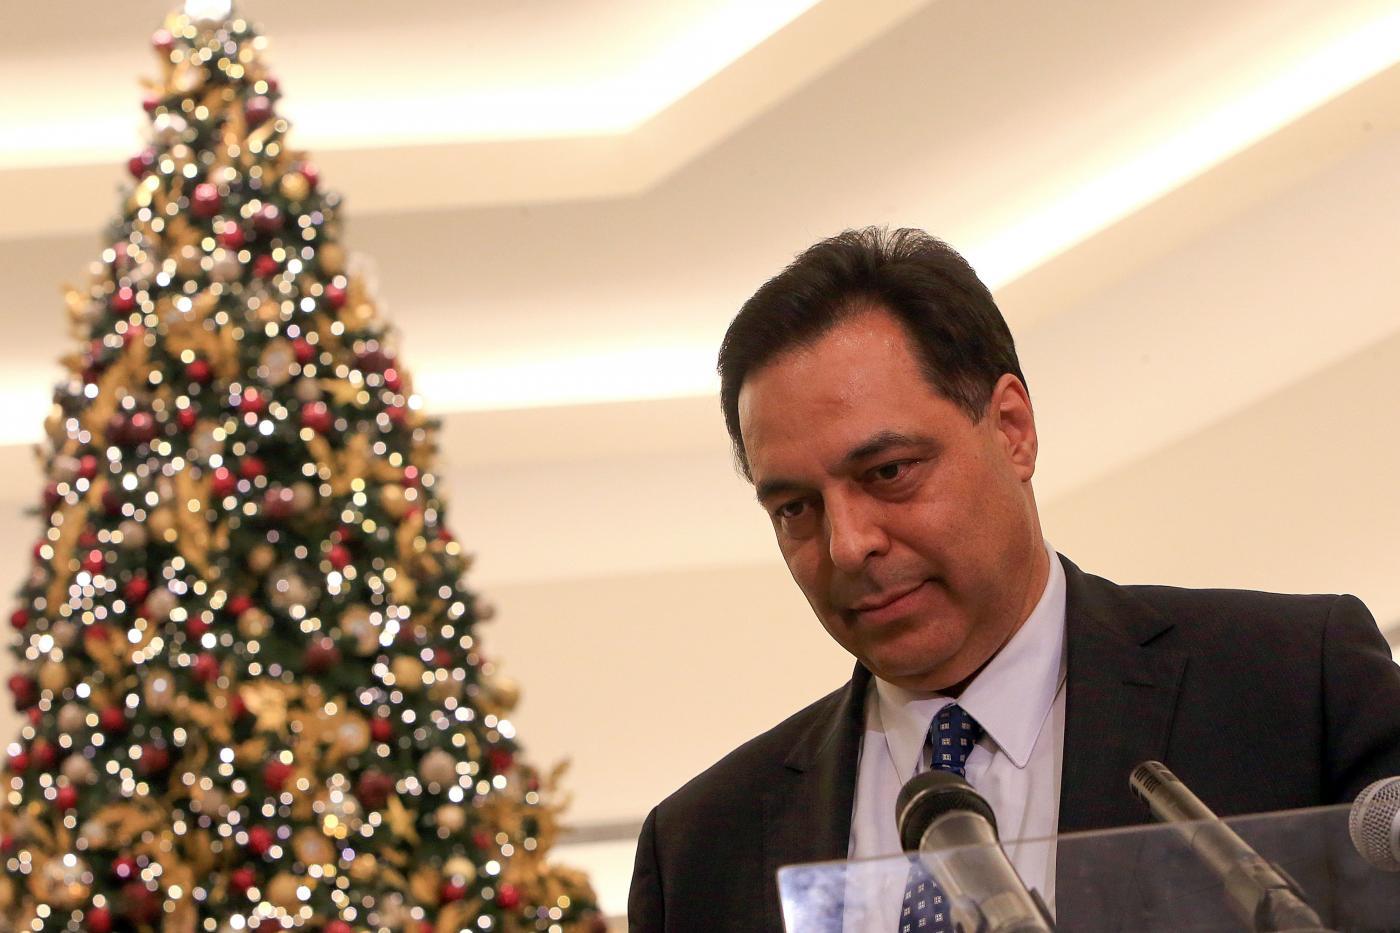 دياب معايداً اللبنانيين: على أمل أن يبدّد الميلاد هواجس اللبنانيين وأن تكون ولادة الحلول لأزمات لبنان قريبة جداً